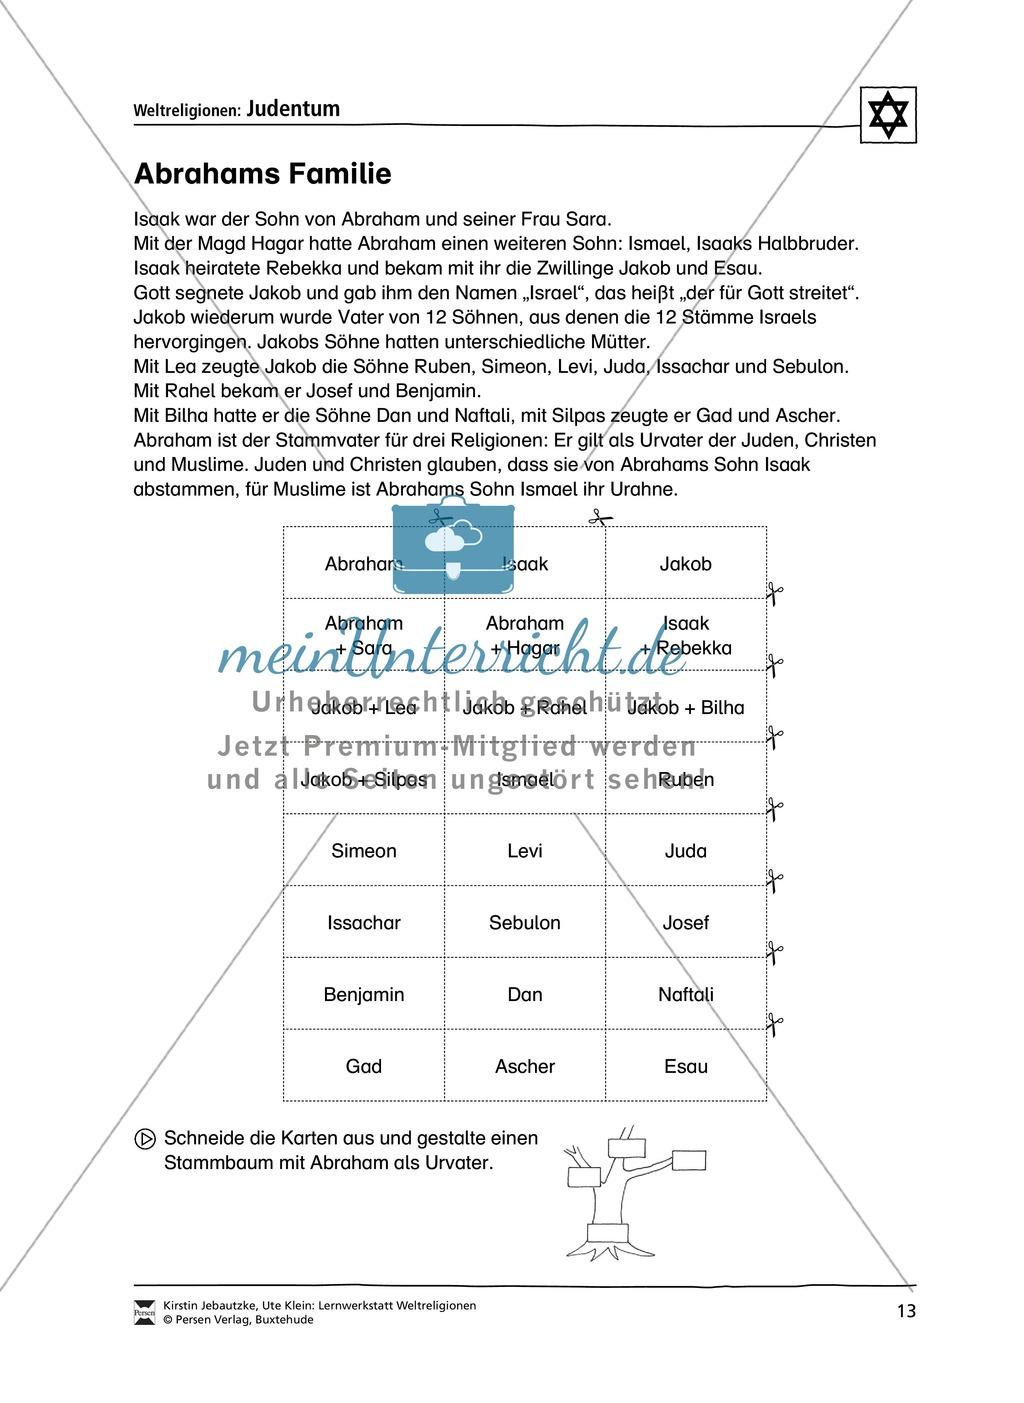 Unterrichtsmaterial zum Judentum - mit Infomaterial zu Gottheit, Schrift, Synagogen, Feiertagen uvm. Preview 5